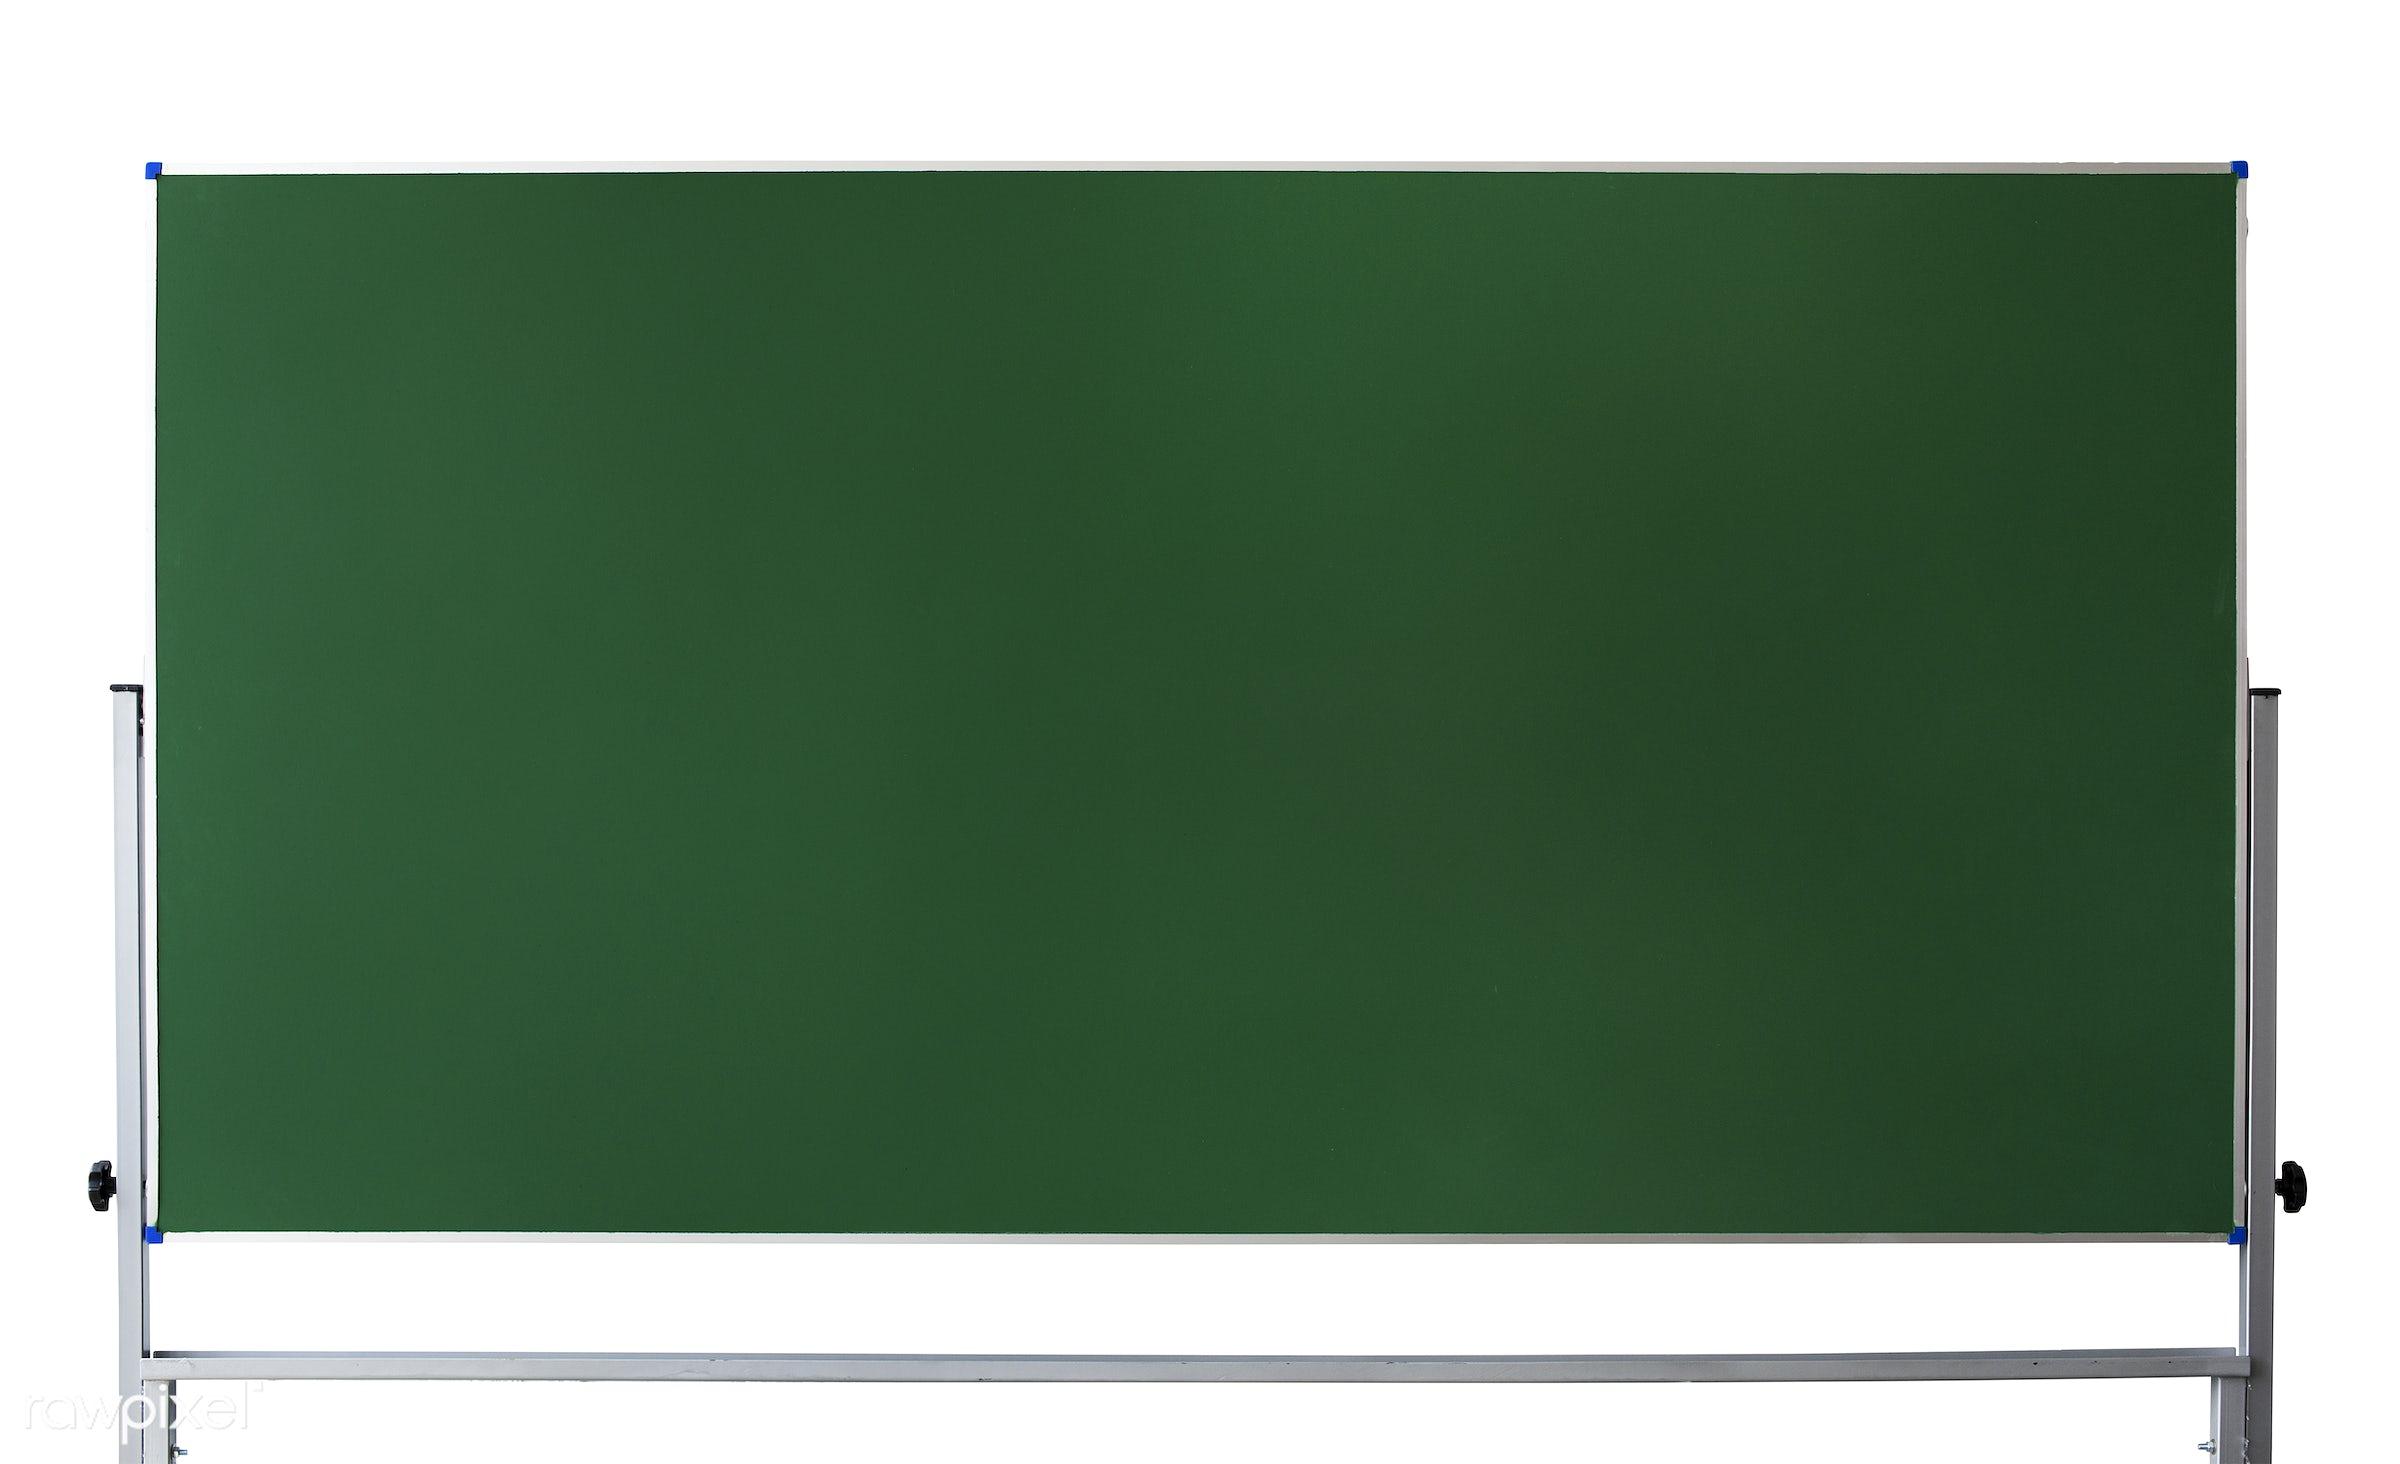 advert, announcement, background, blackboard, blank, board, chalkboard, copy space, education, empty, learn, lesson, mock up...